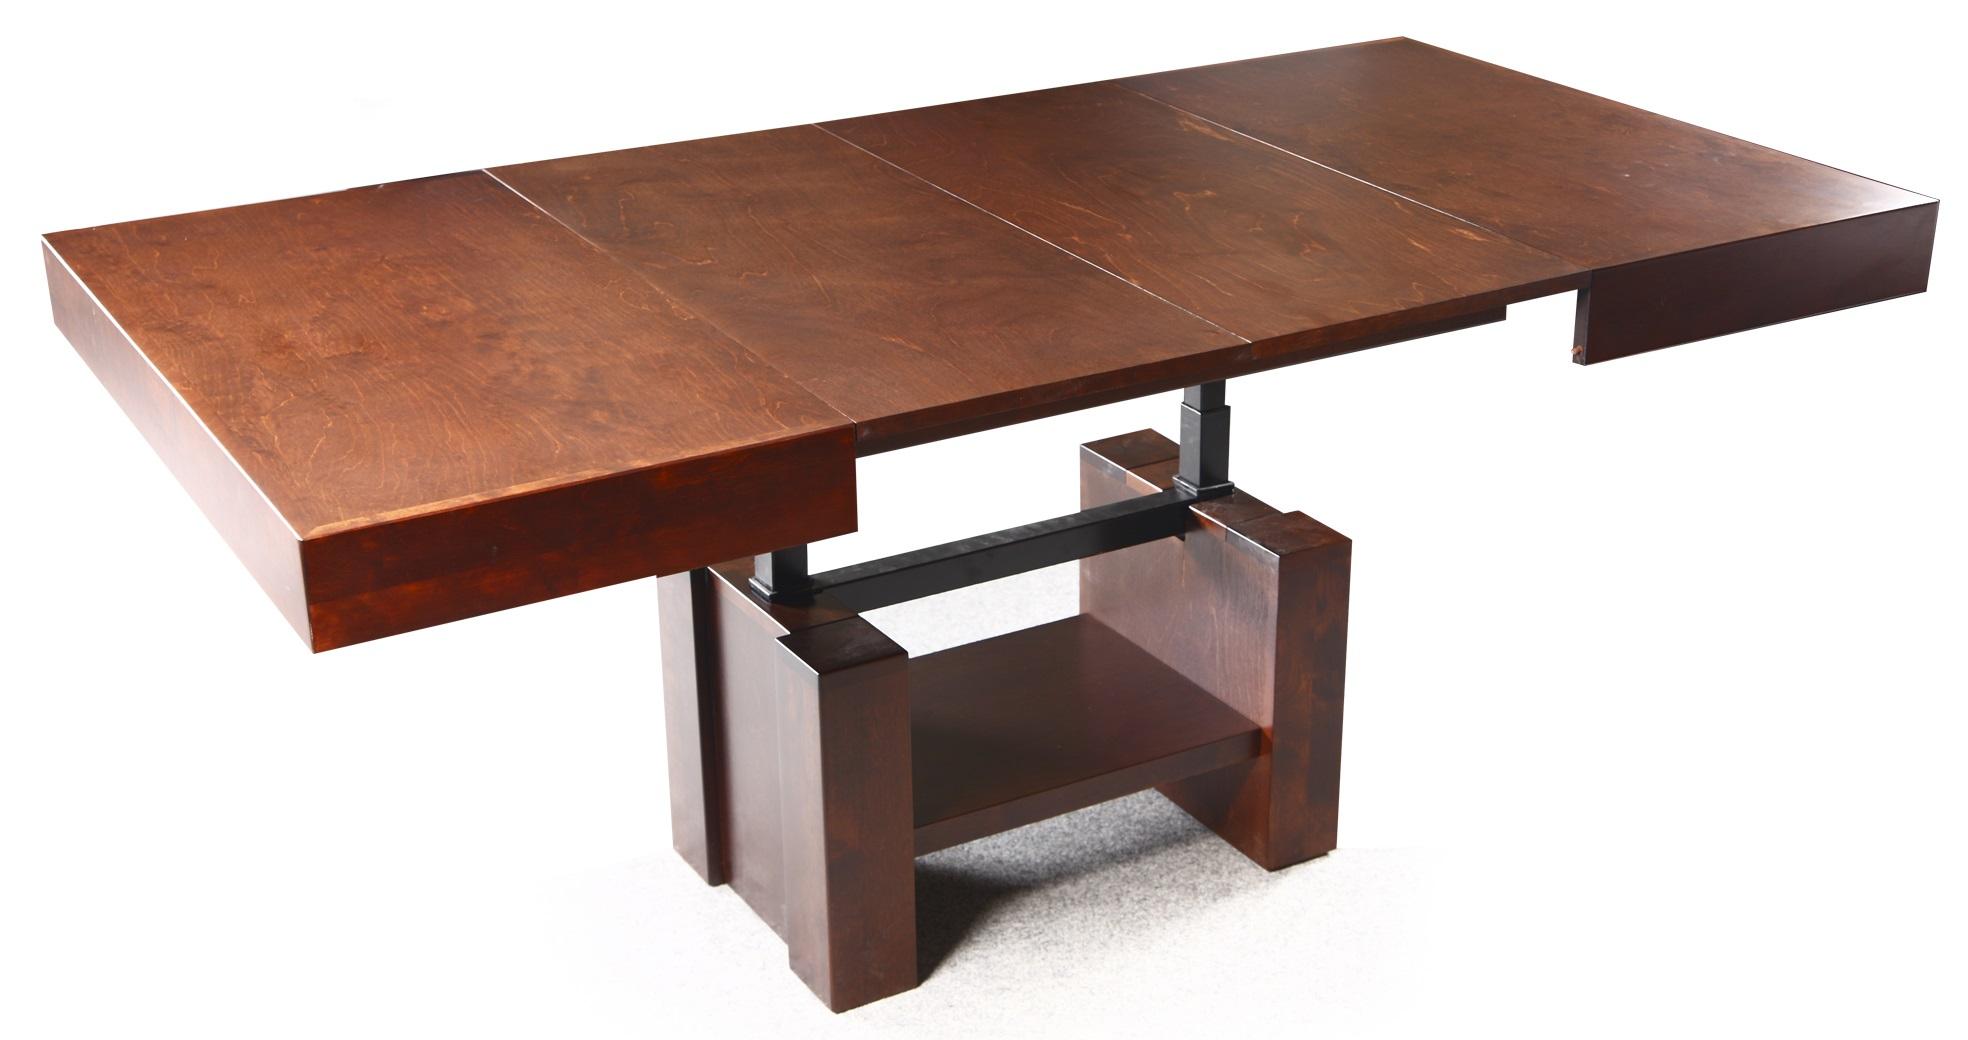 компактный стол трансформер Mso 71718 купить в москве Glomartru